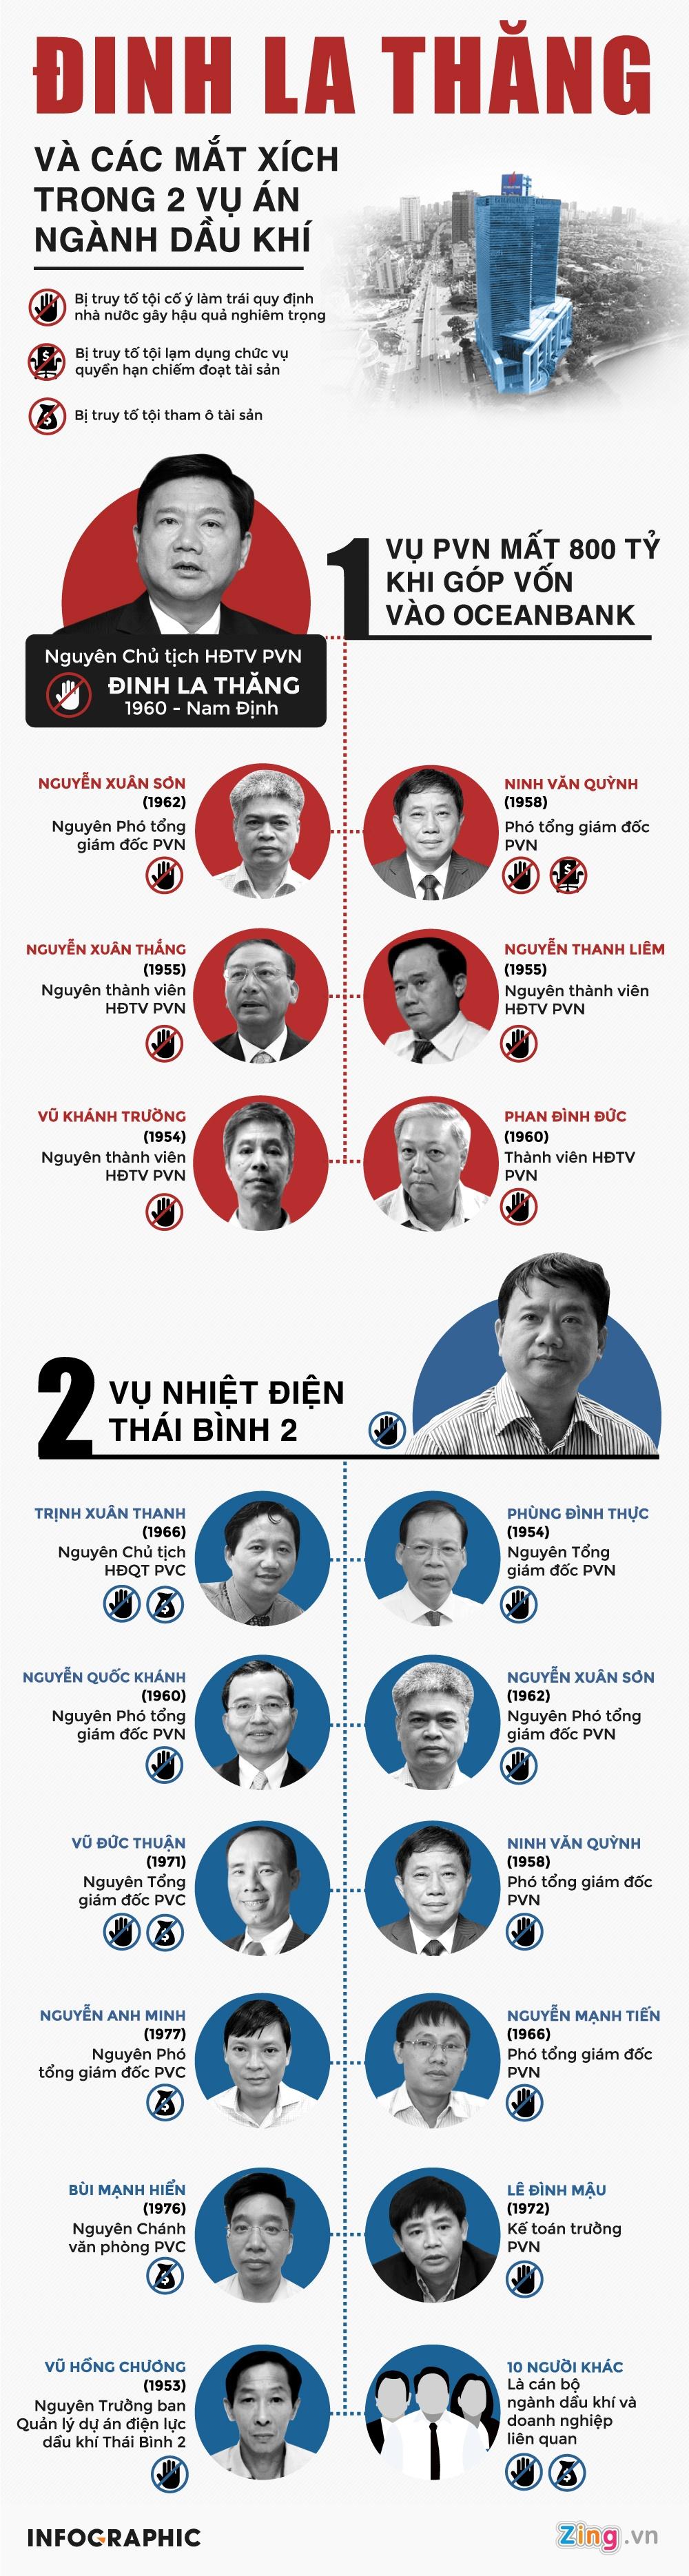 Ong Dinh La Thang va cac mat xich trong 2 vu an hinh anh 1